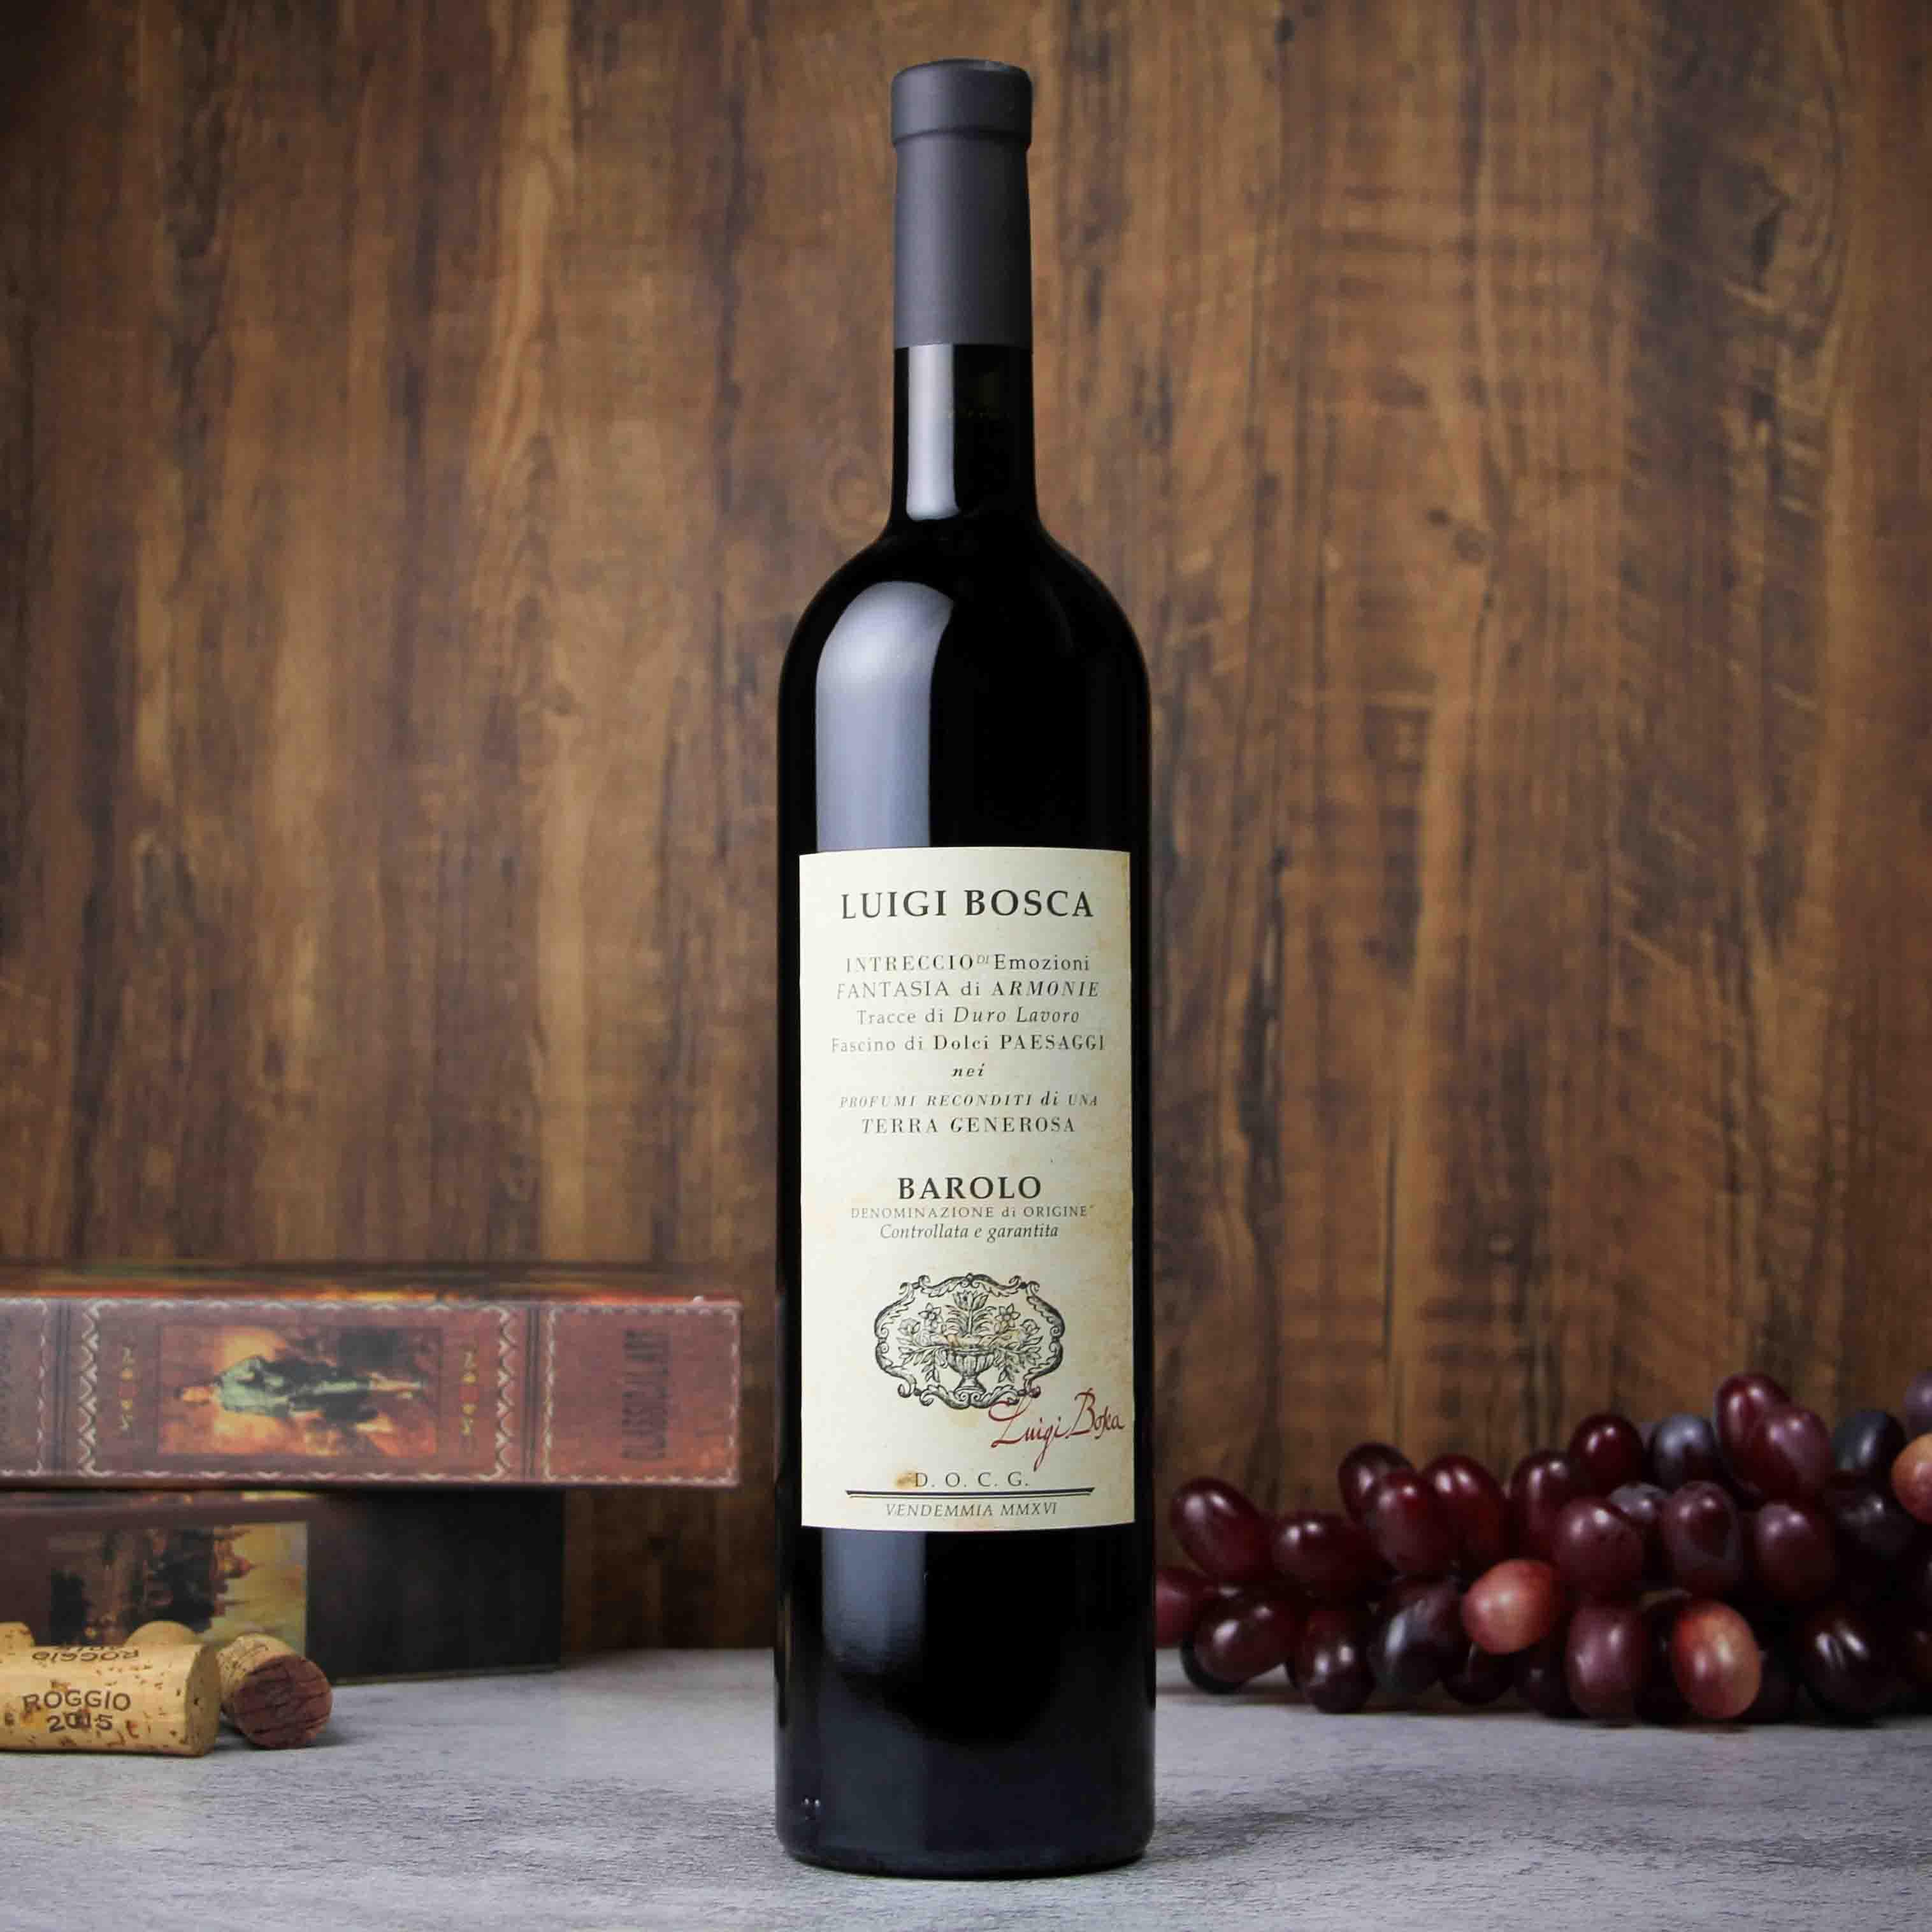 意大利皮埃蒙特佰世嘉巴罗洛红葡萄酒